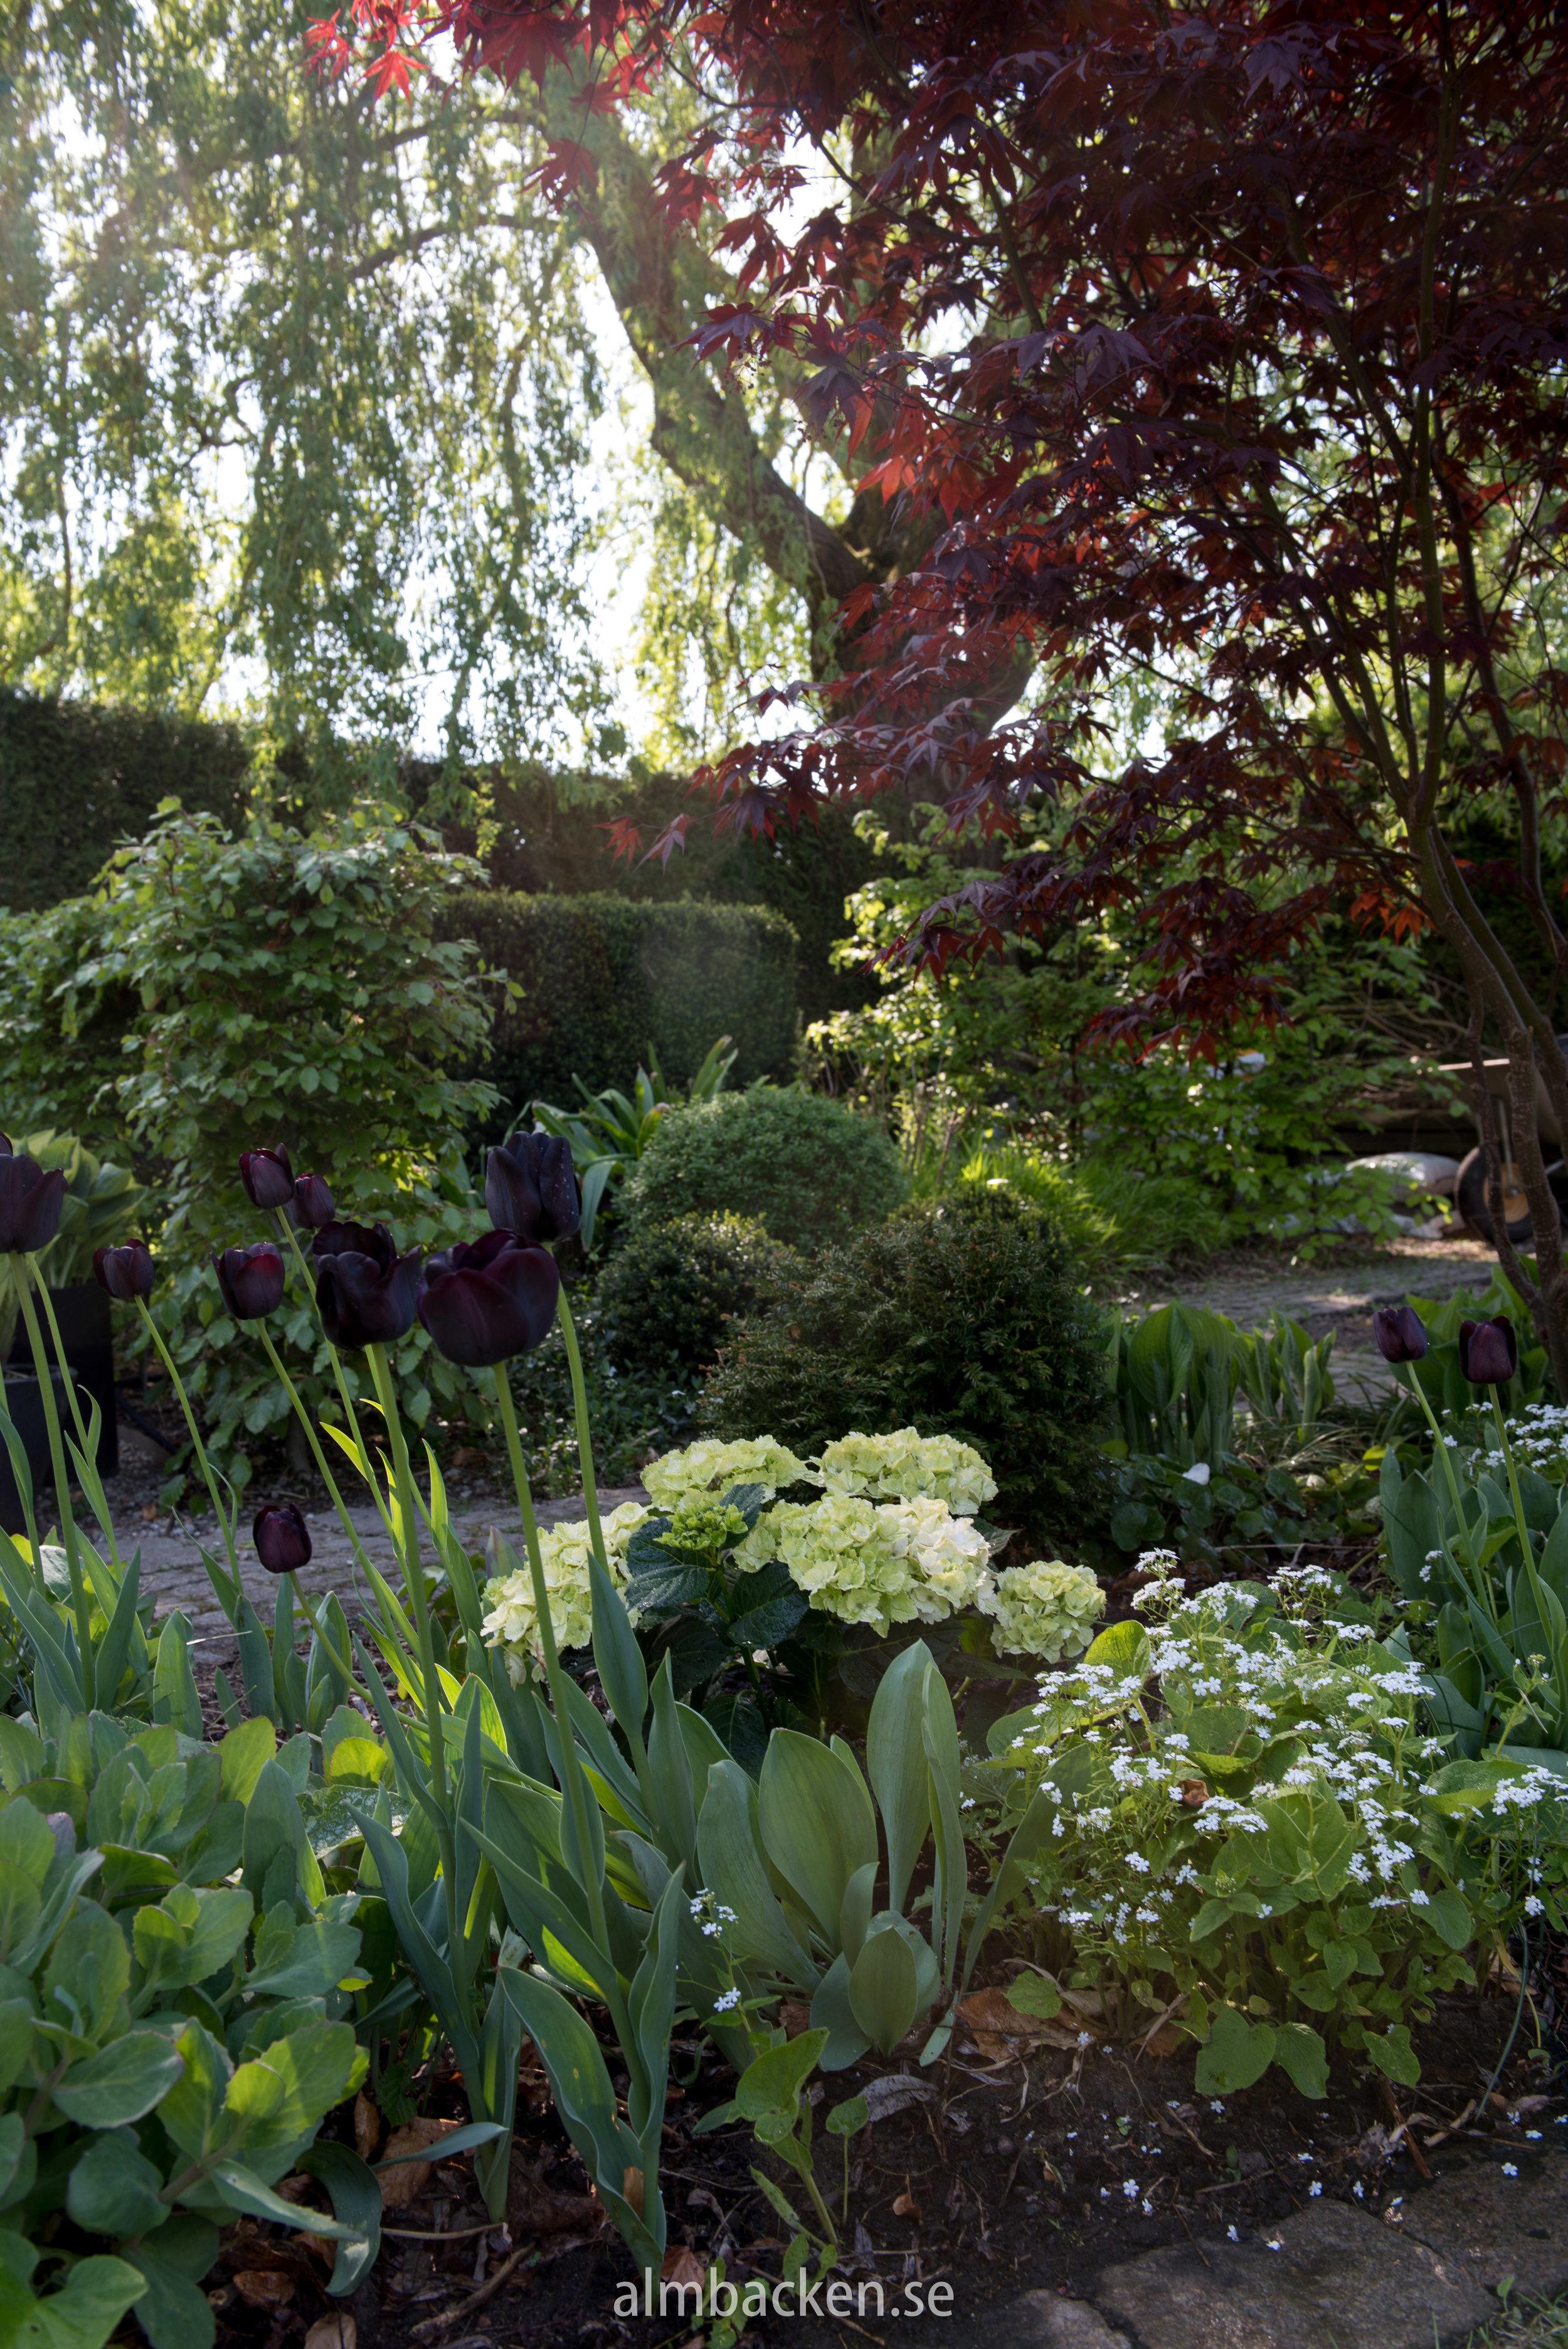 hortensia-magical-tulpaner-kaukasisk-förgätmigej-mrmorse-japansk-lönn,margaret-bee.jpg